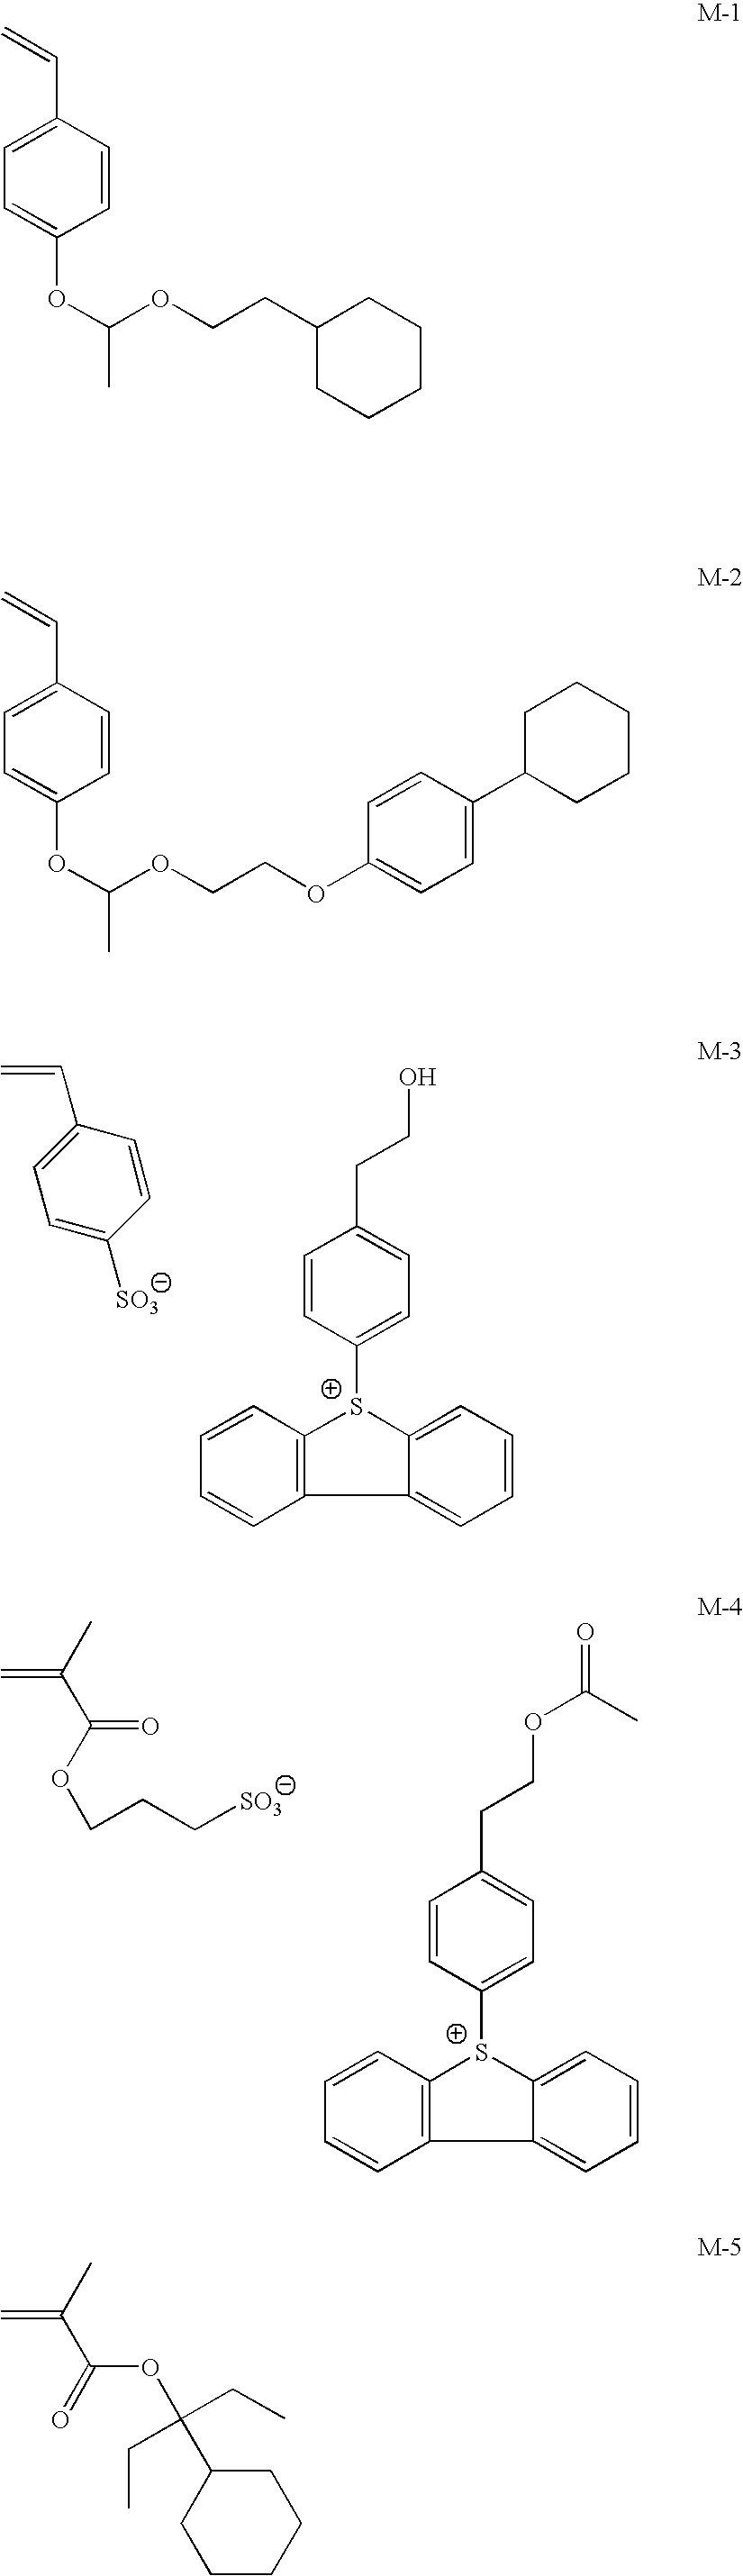 Figure US20100183975A1-20100722-C00233